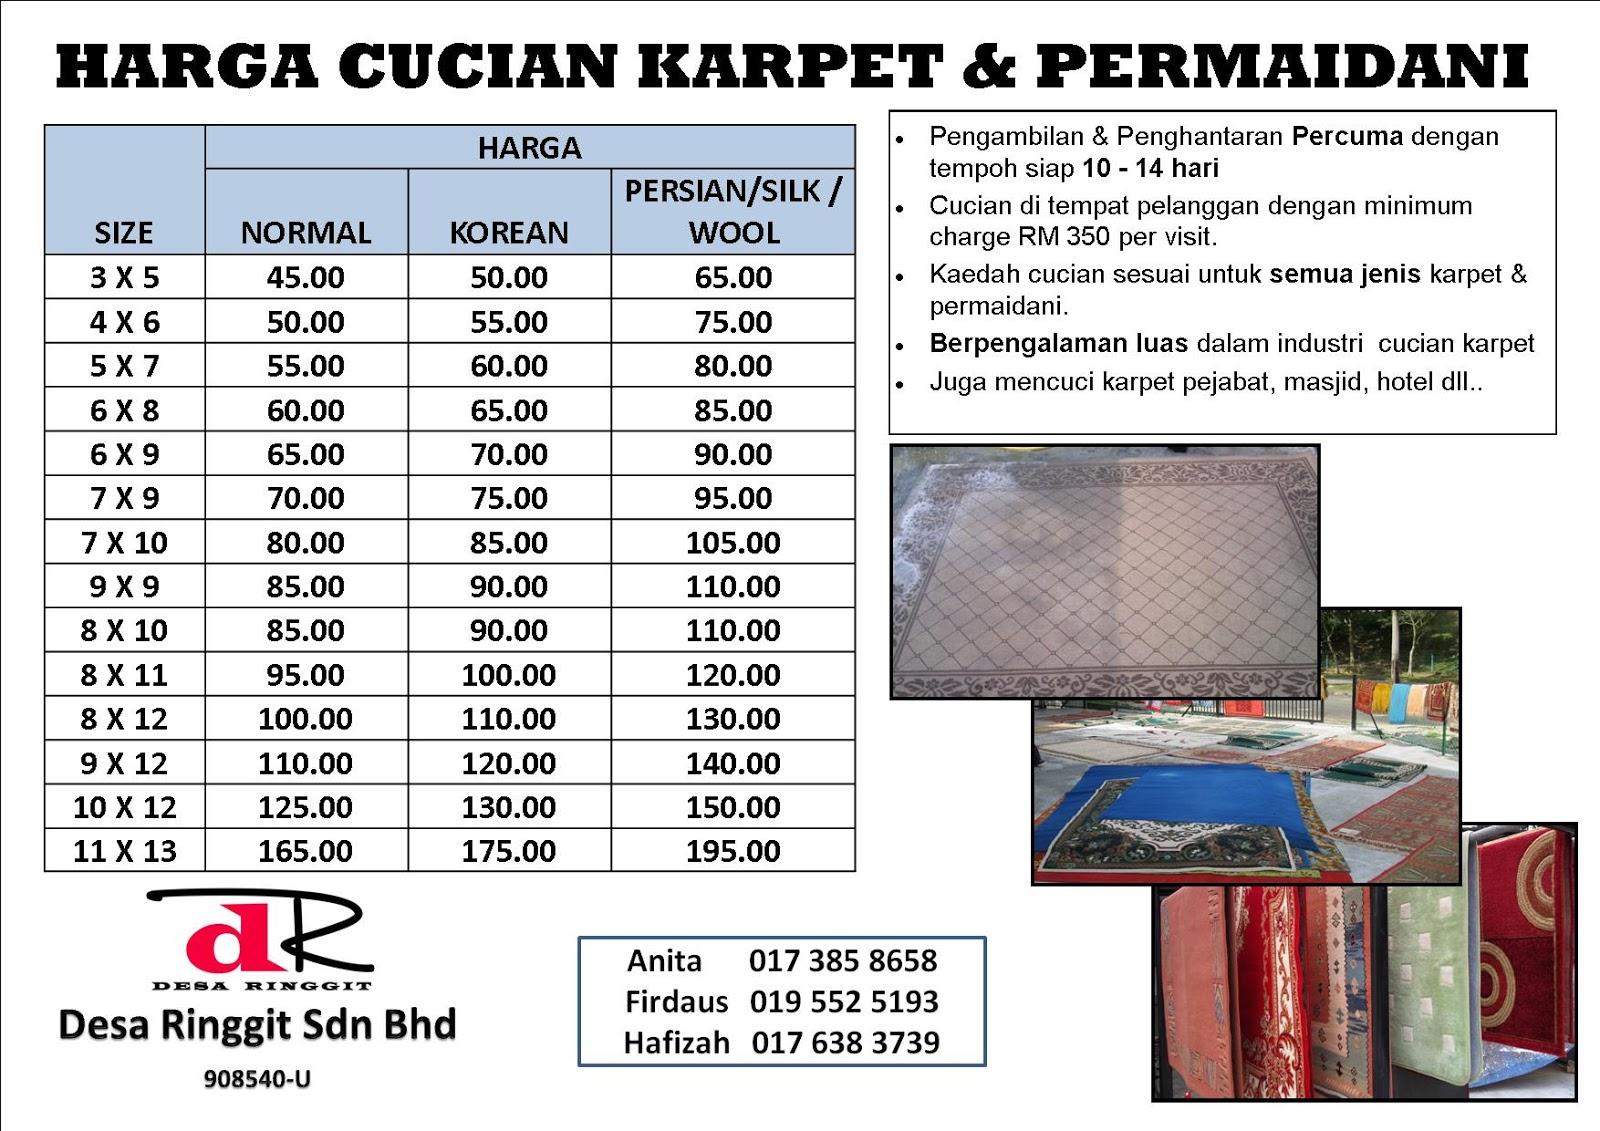 Brown Bedroom Carpet : 2013 FLYER & PRICELIST Professional Carpet Cleaner